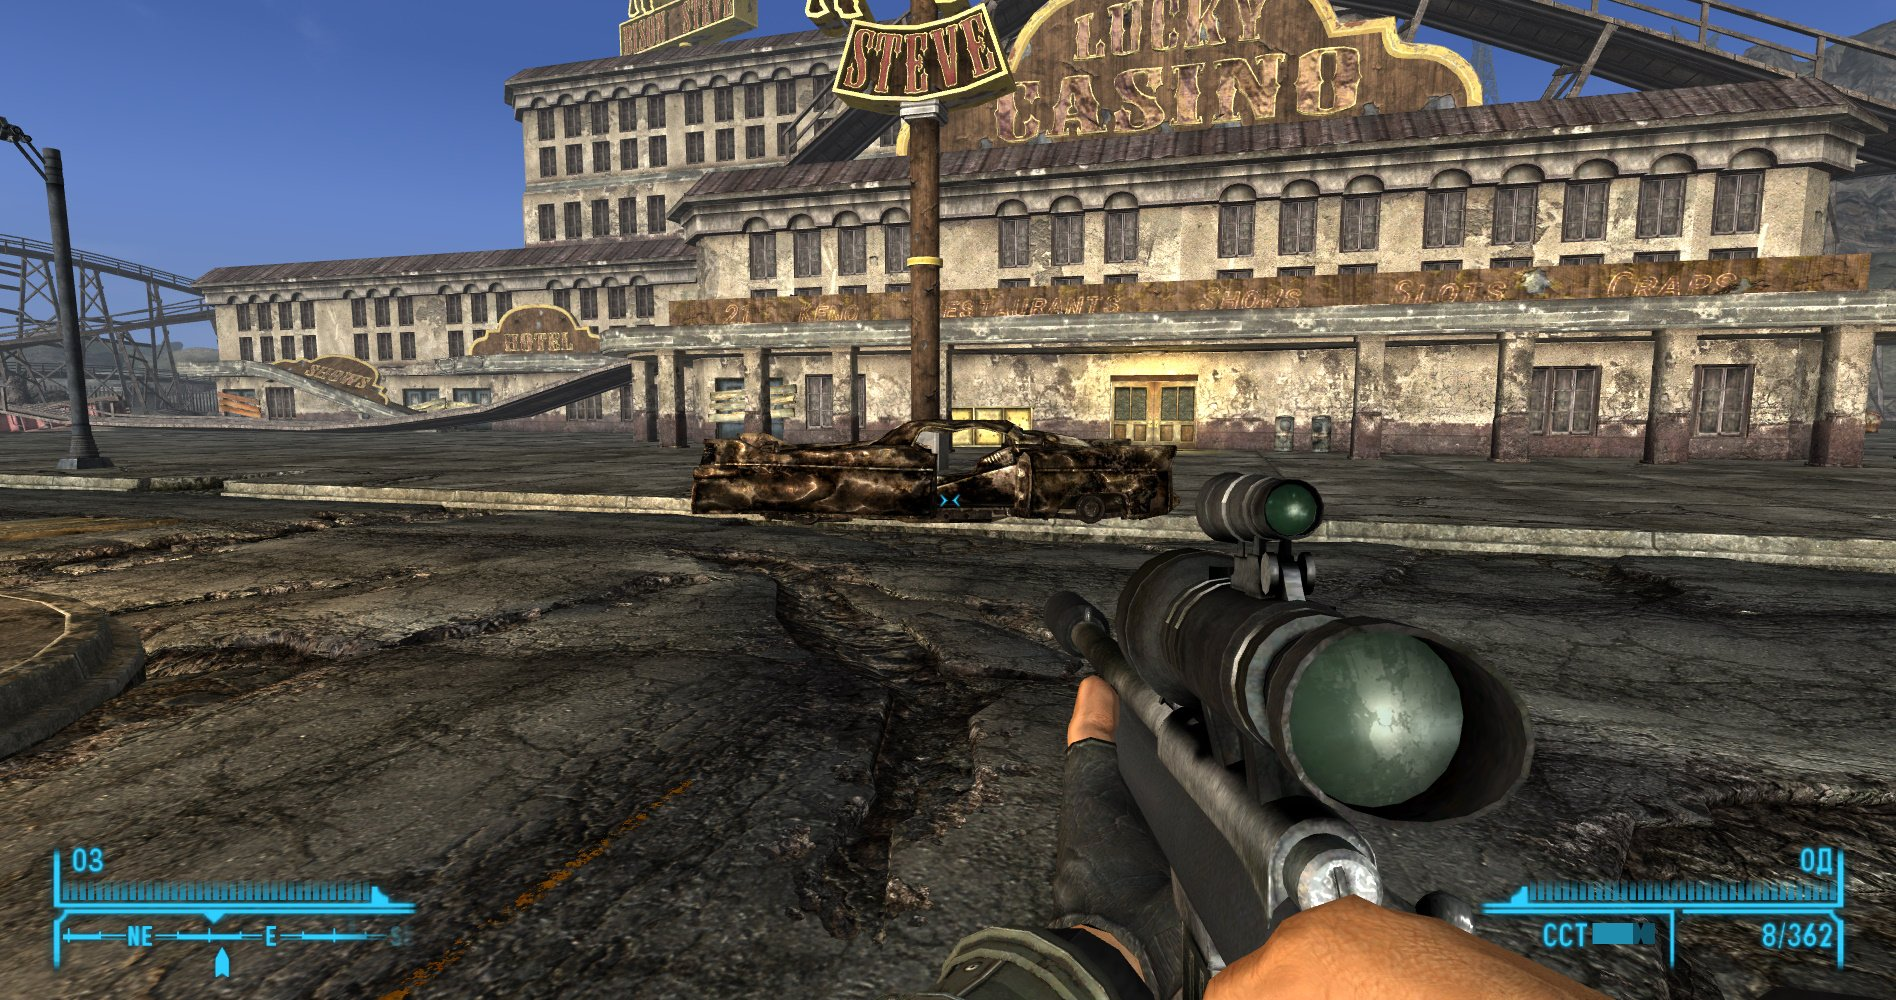 Сравнительный анализ (на самом деле нет) Fallout New Vegas vs. Fallout 4 (часть 2) - Изображение 3